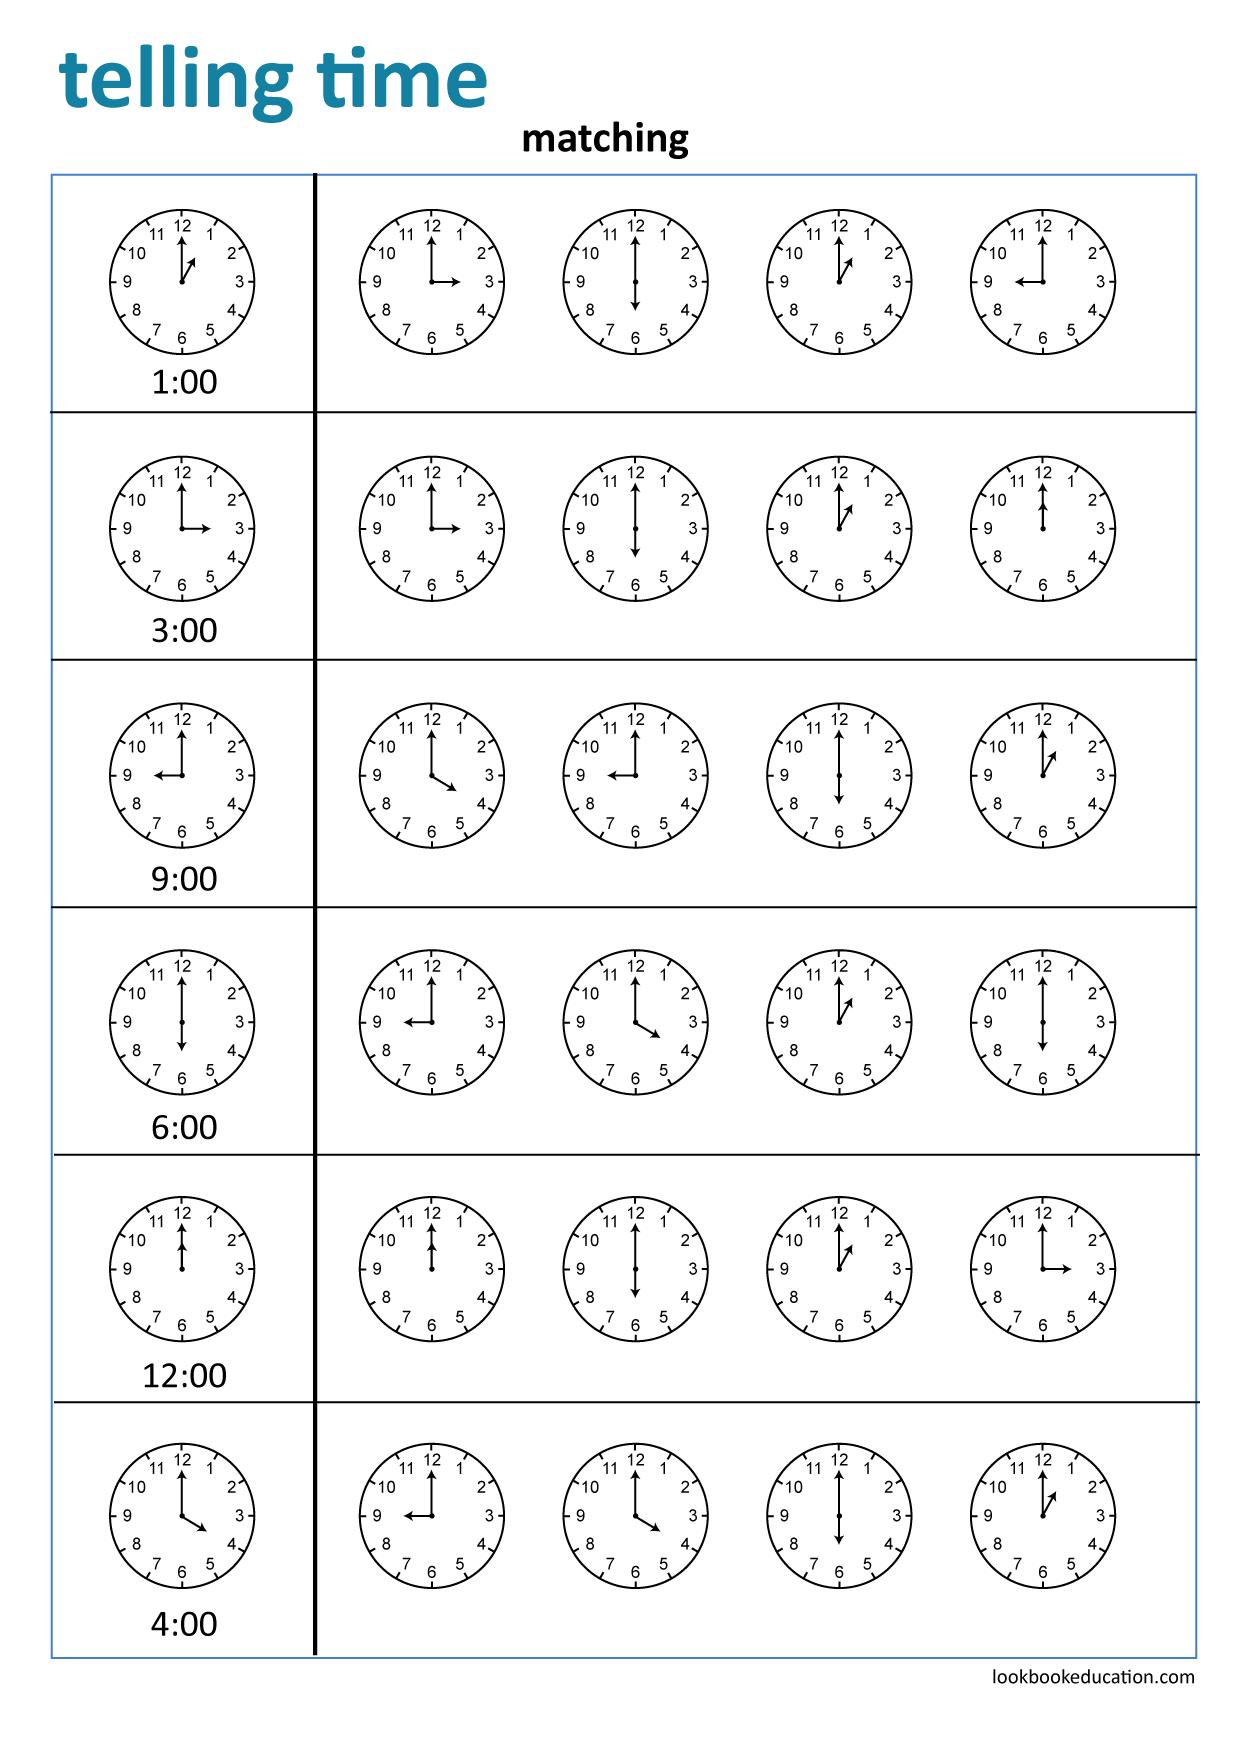 Worksheet Telling Time Clock Worksheets Childrens Worksheets First Grade Worksheets [ 1756 x 1242 Pixel ]